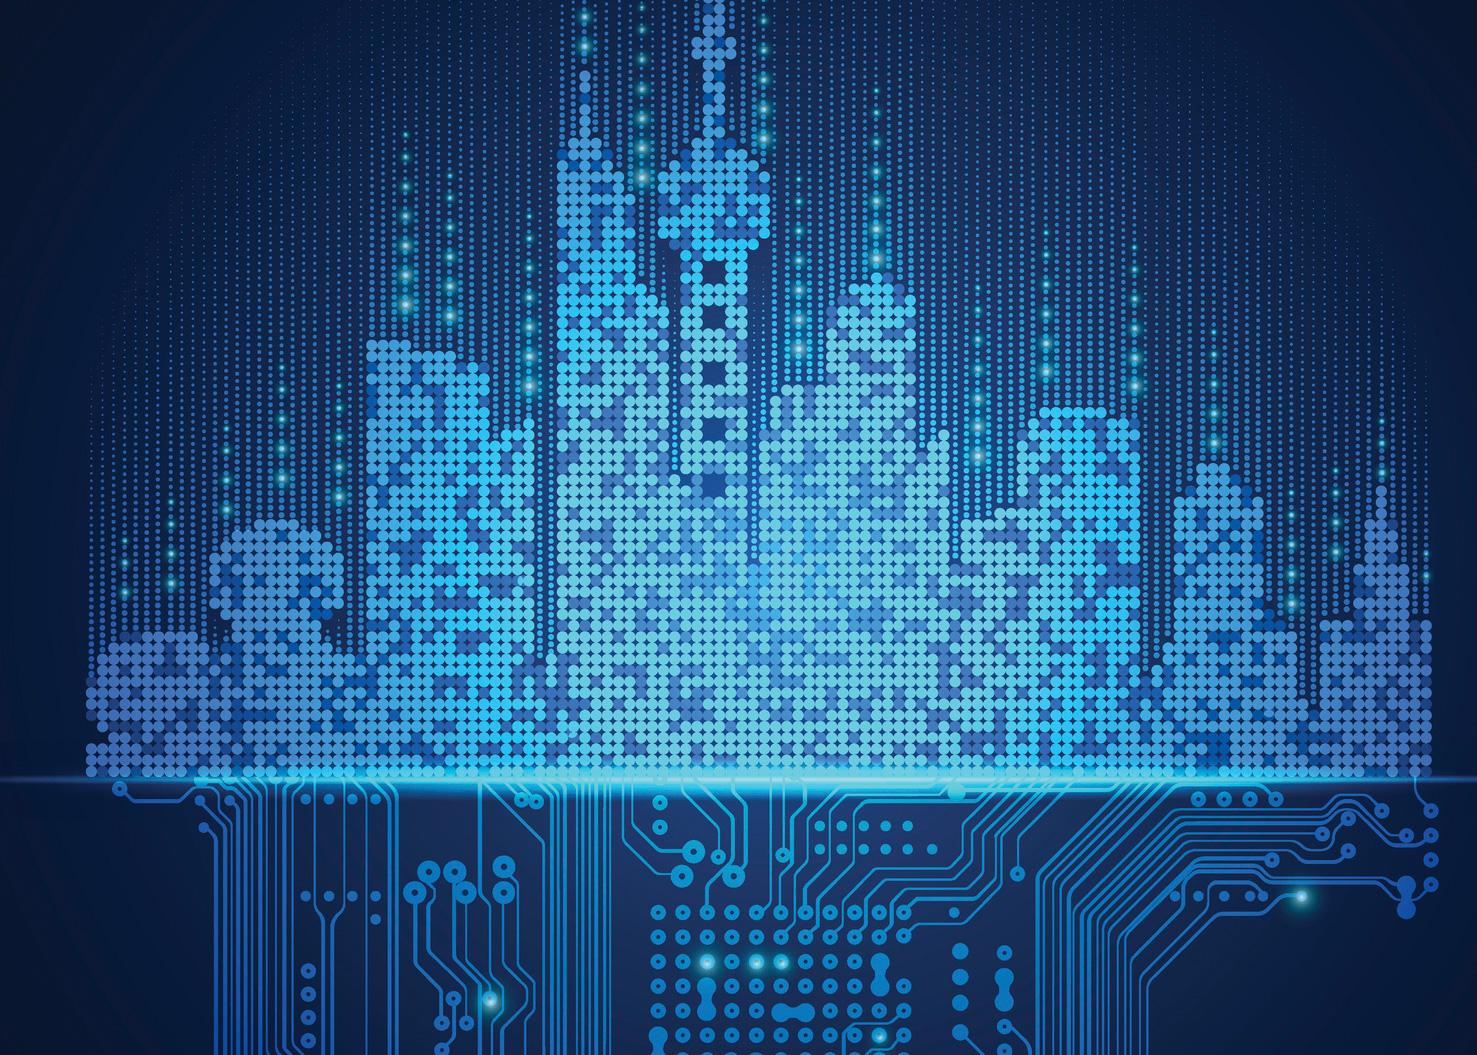 Grafische Darstellung einer Skyline einer Großstadt. Thema: Smart Building